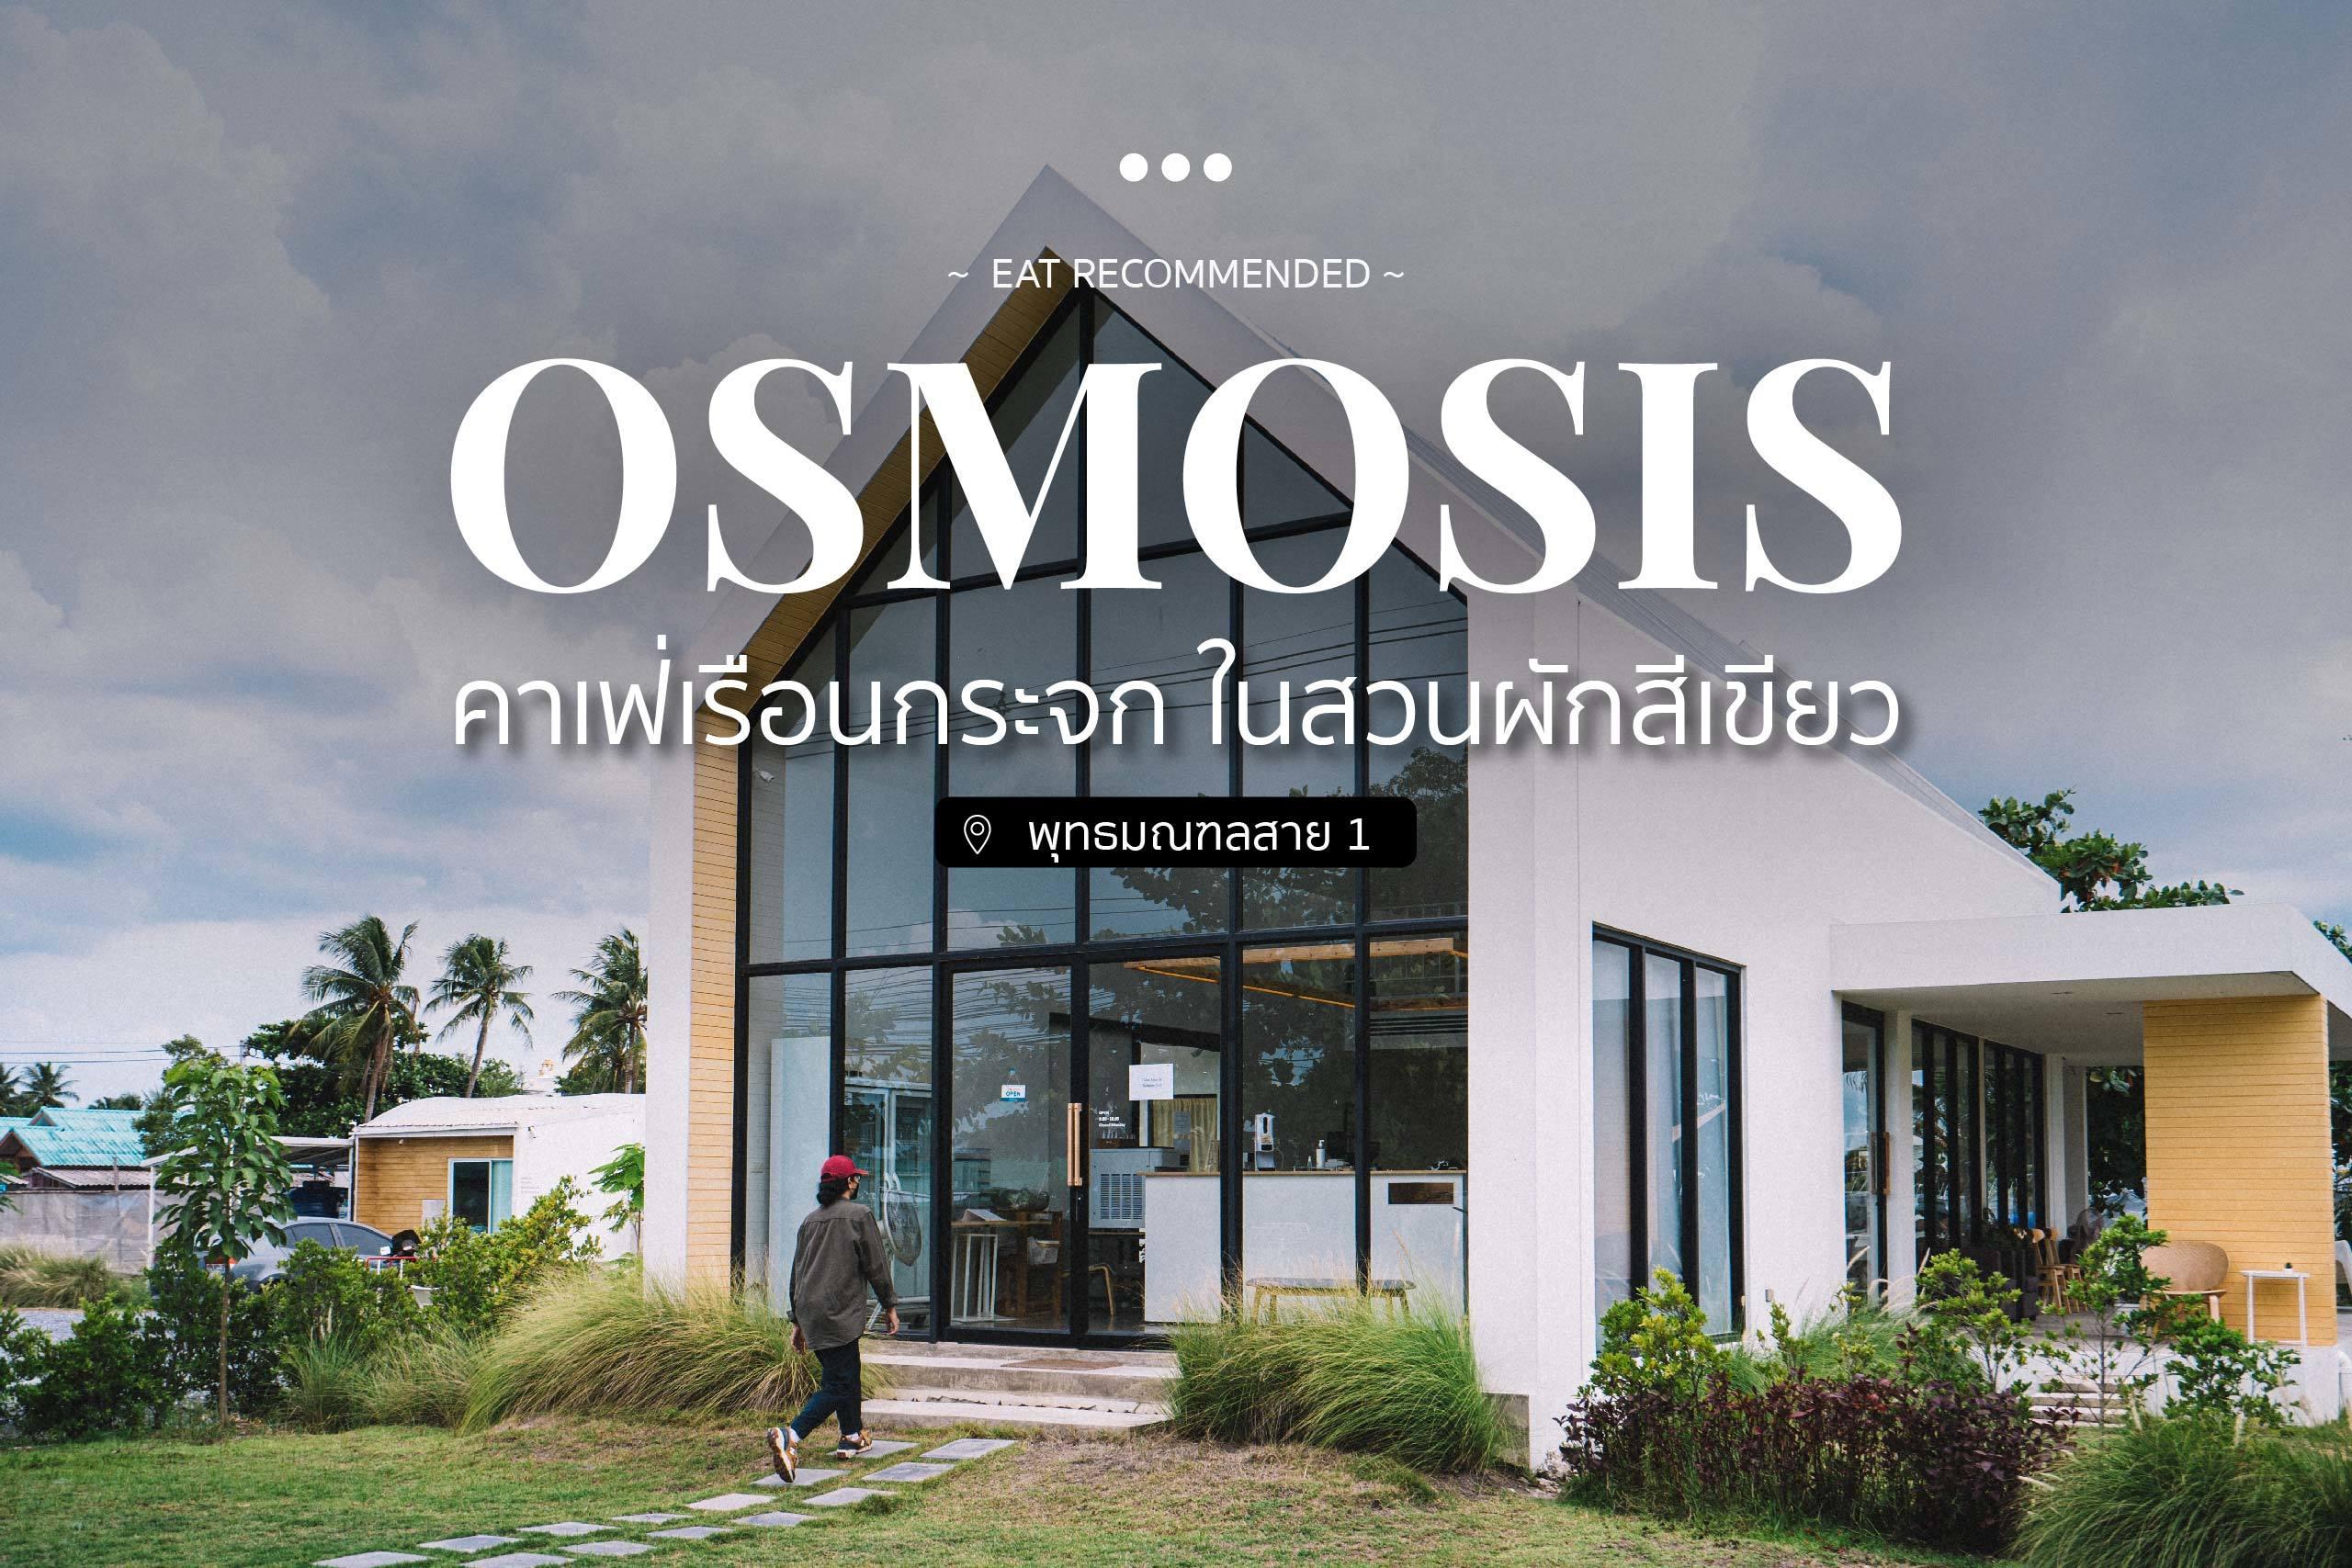 Osmosis คาเฟ่เรือนกระจก ในสวนผักสีเขียว ปกweb